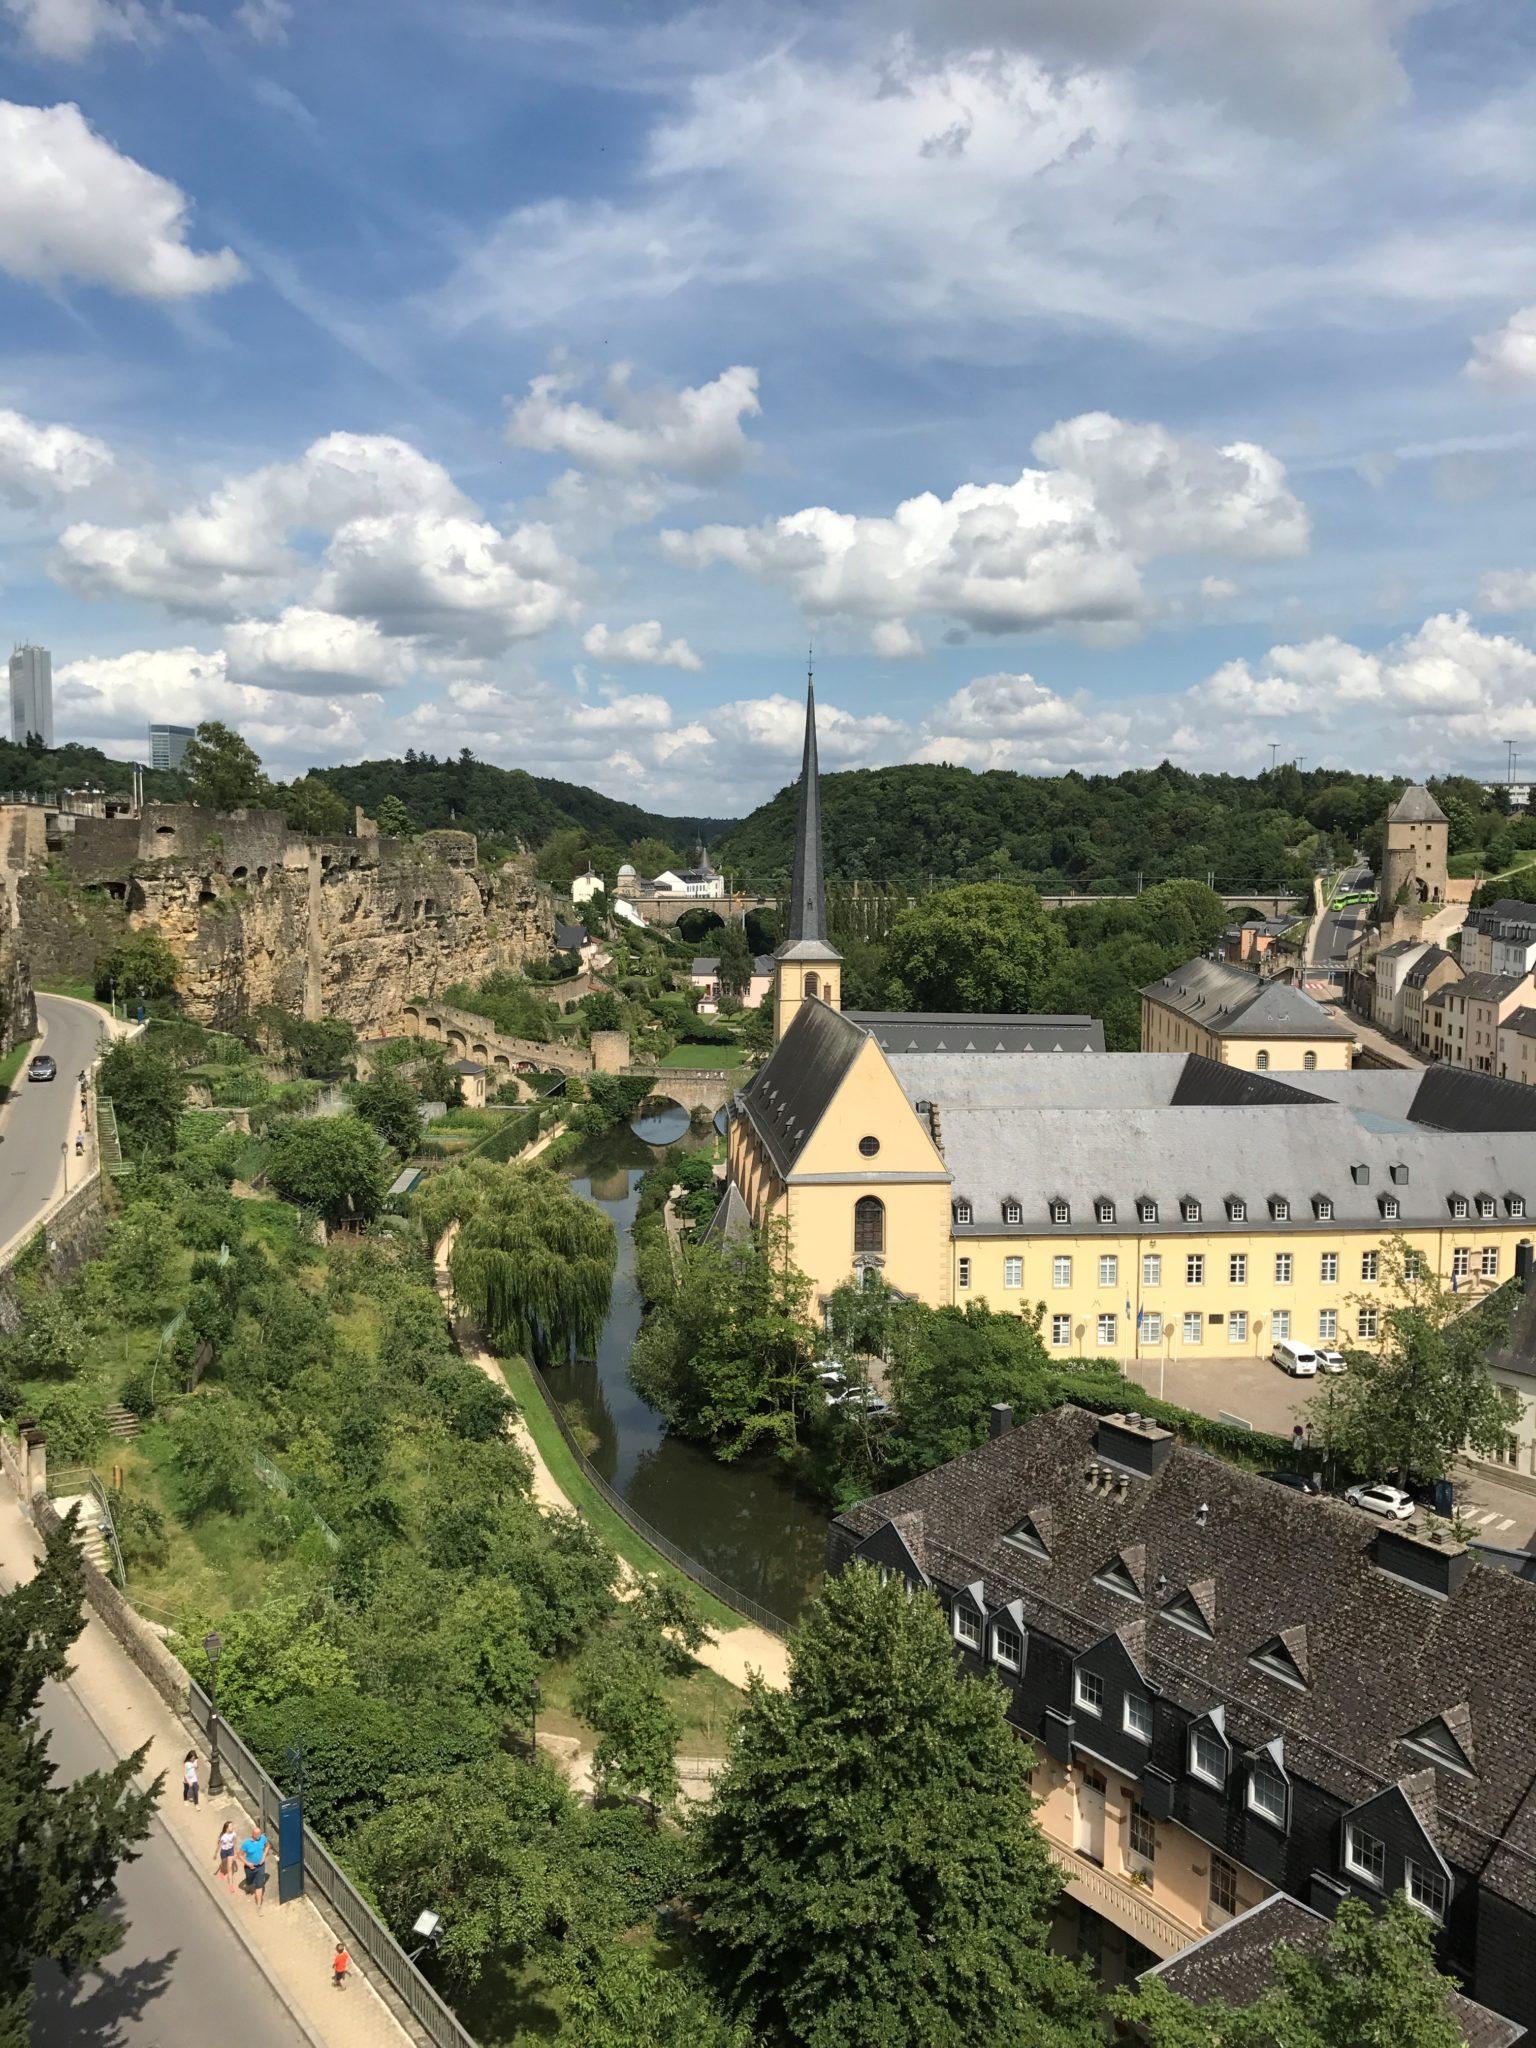 balade-chemin-corniche-luxembourg-ville